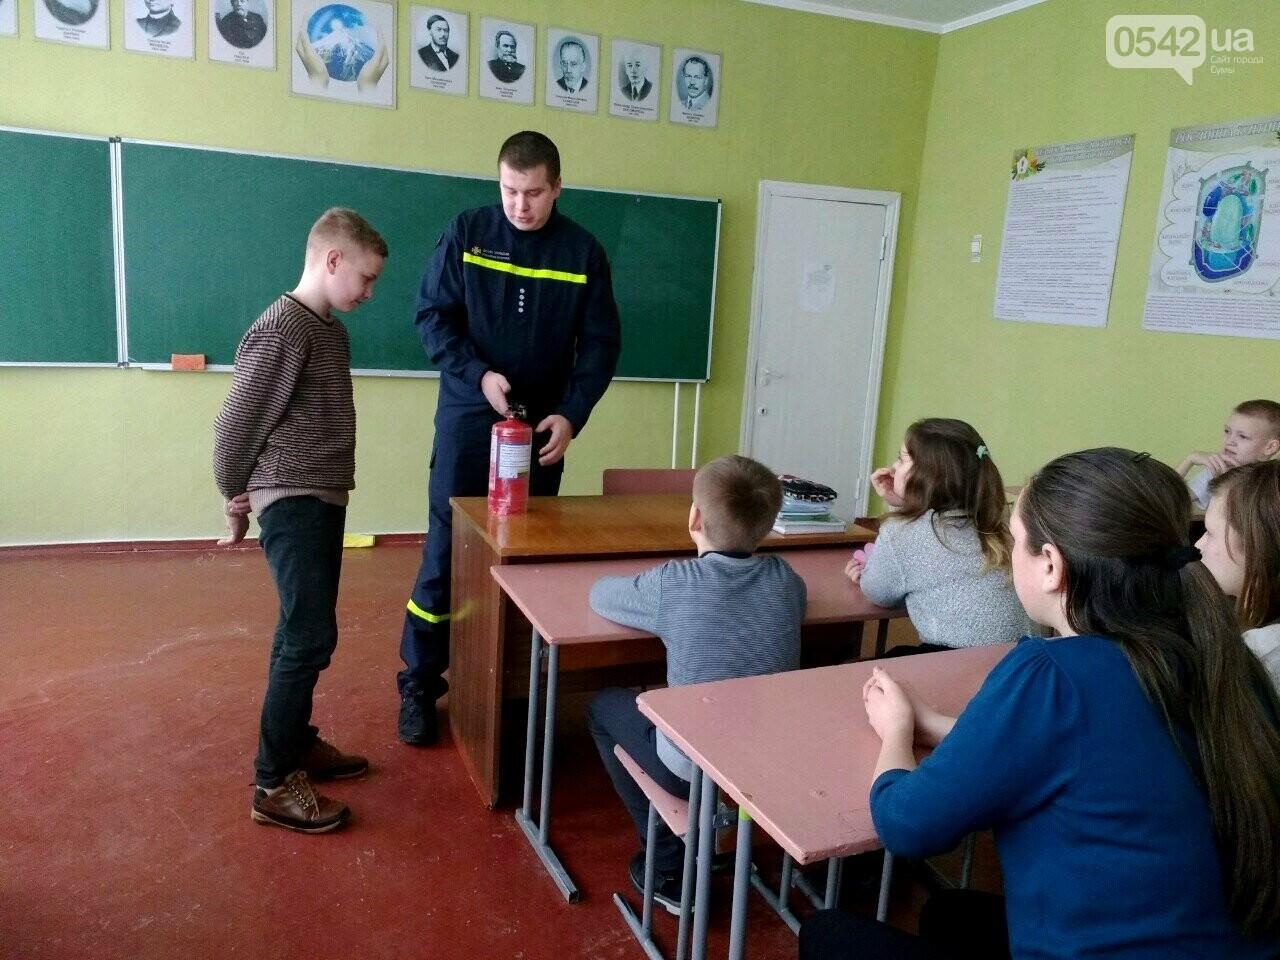 Сумской район: спасатели учили школьников правилам пожарной безопасности (ФОТО), фото-1